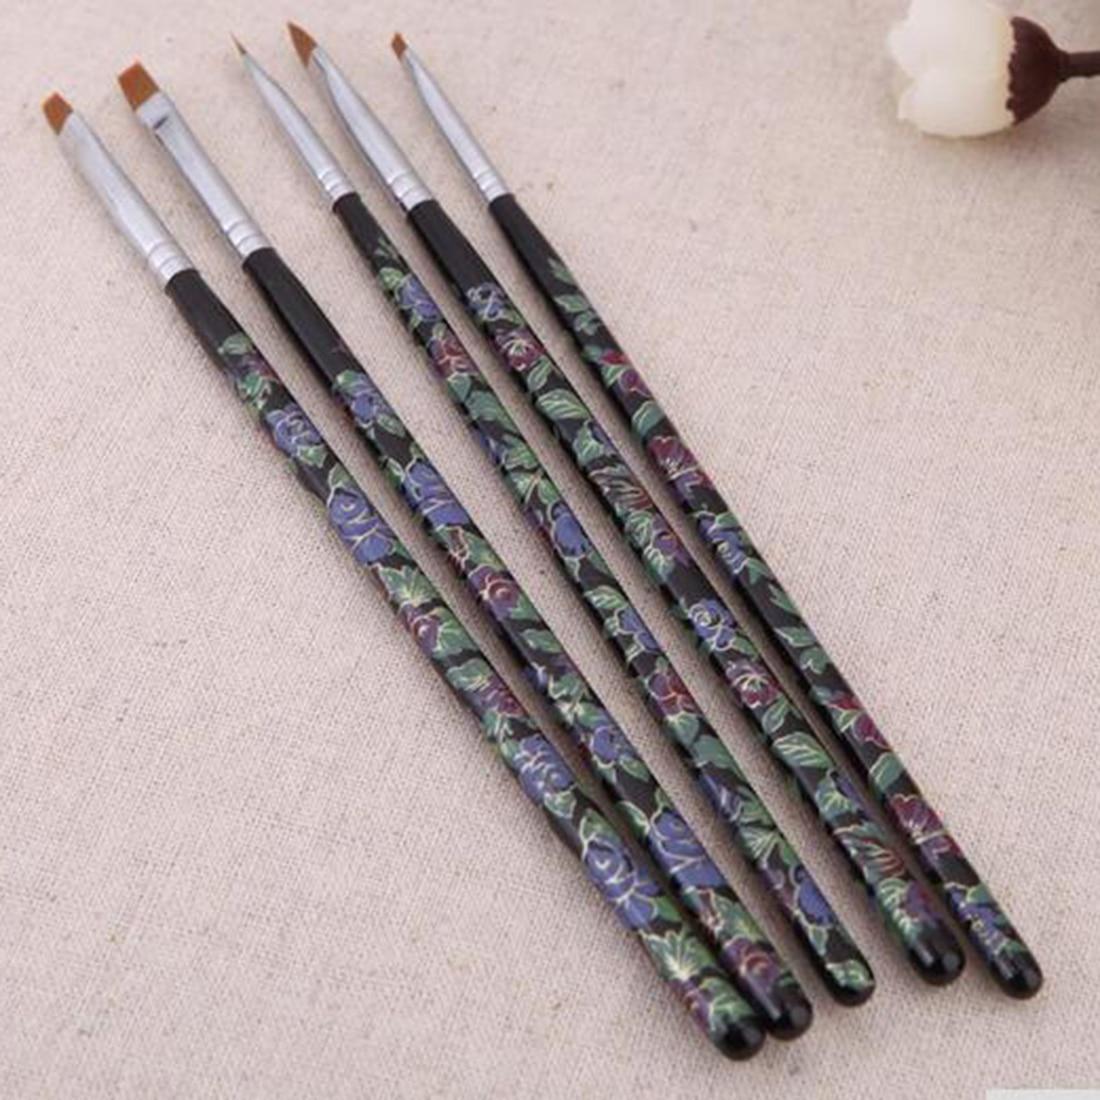 5 Unids Cepillos de Uñas Conjunto Del Arte Del Clavo Del Gel de UV Salon Pen Fla